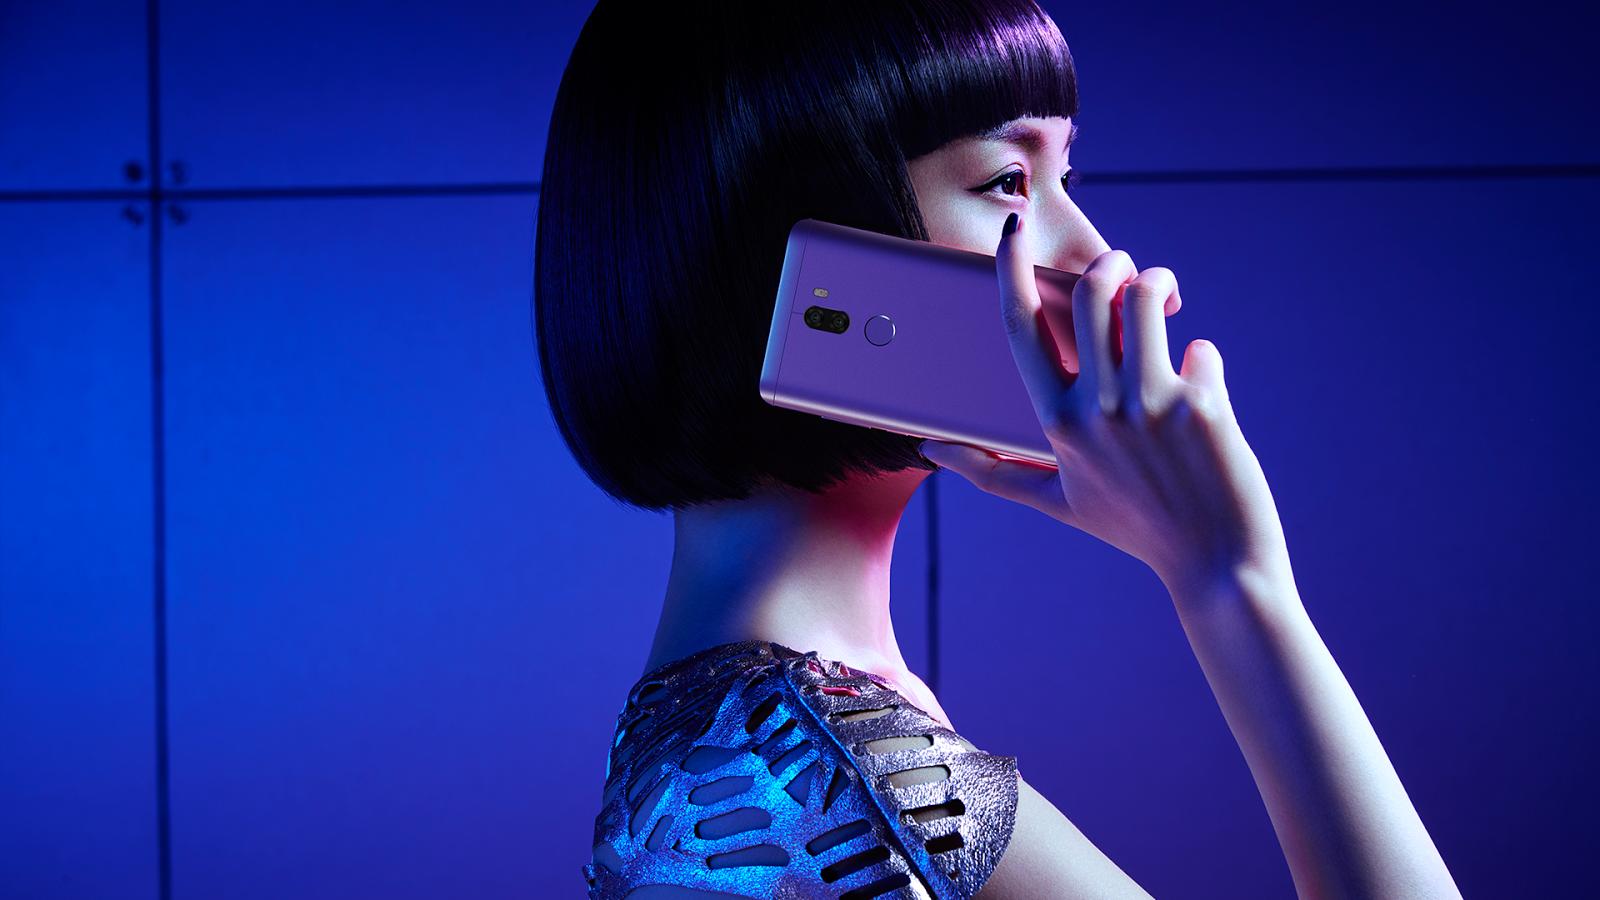 Осенний смартфонопад: китайский «Galaxy Note 7» и другие новинки от Xiaomi - 12